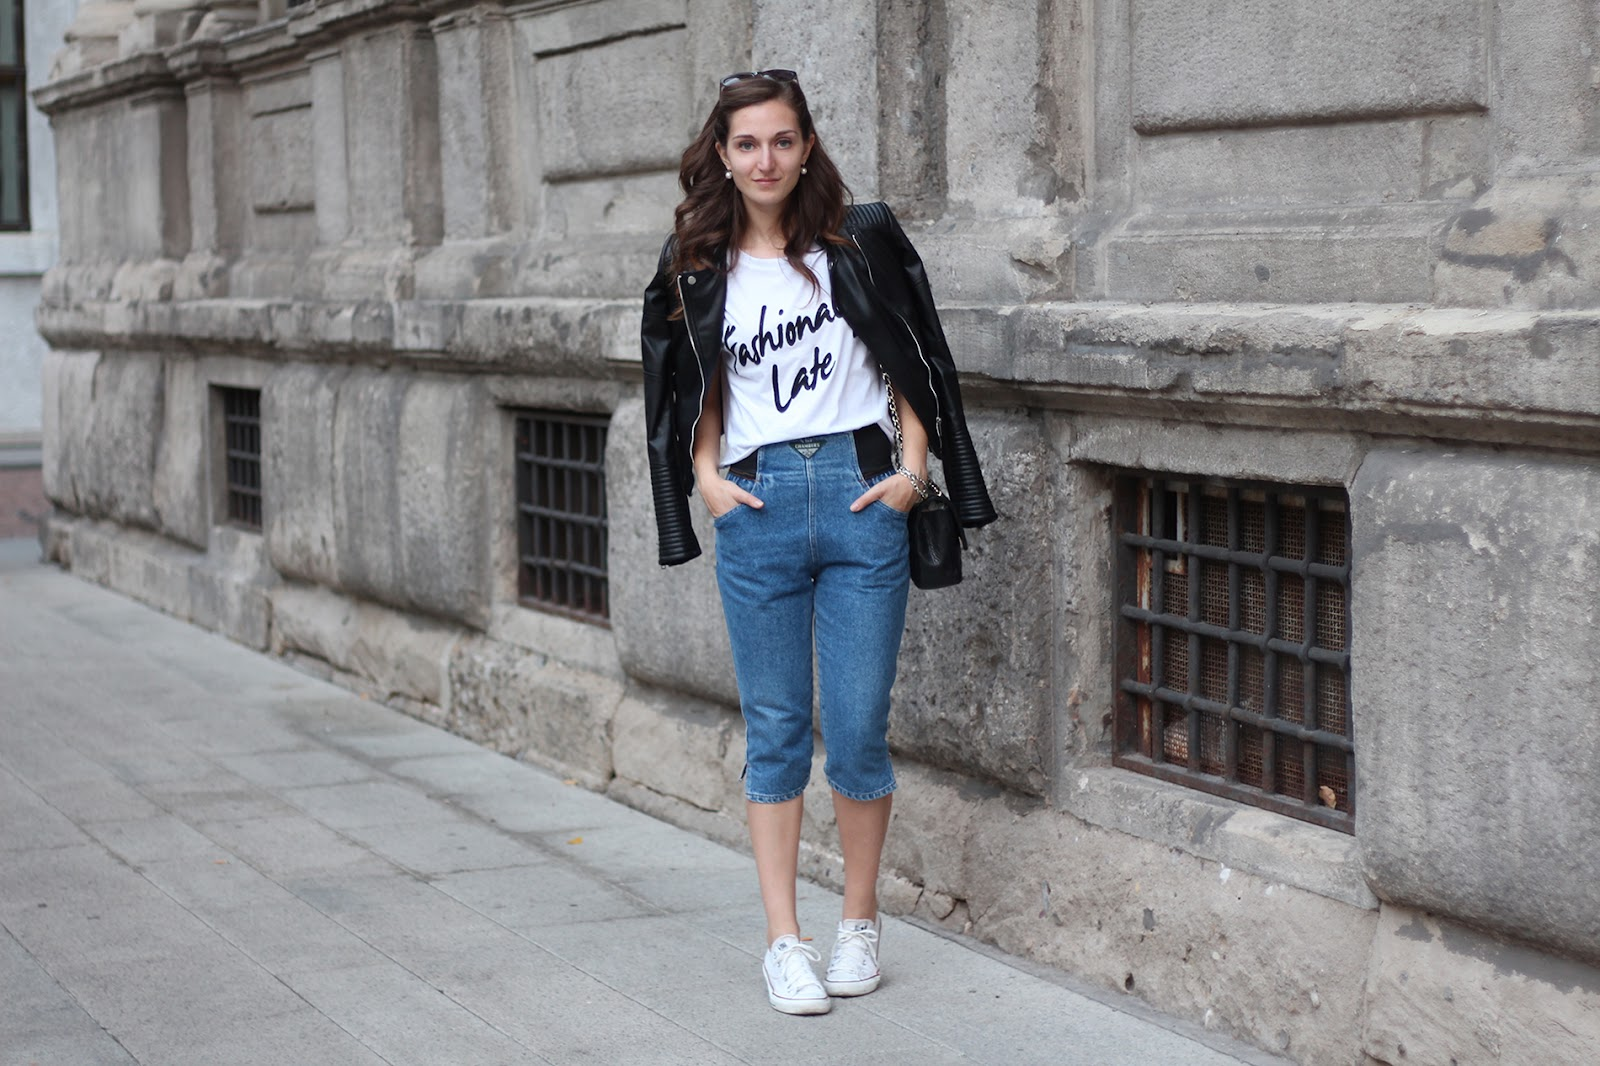 outfit comodo e alla moda in denim, converse, t-shirt bianca, giacca in pelle e tracolla Chanel 2.55